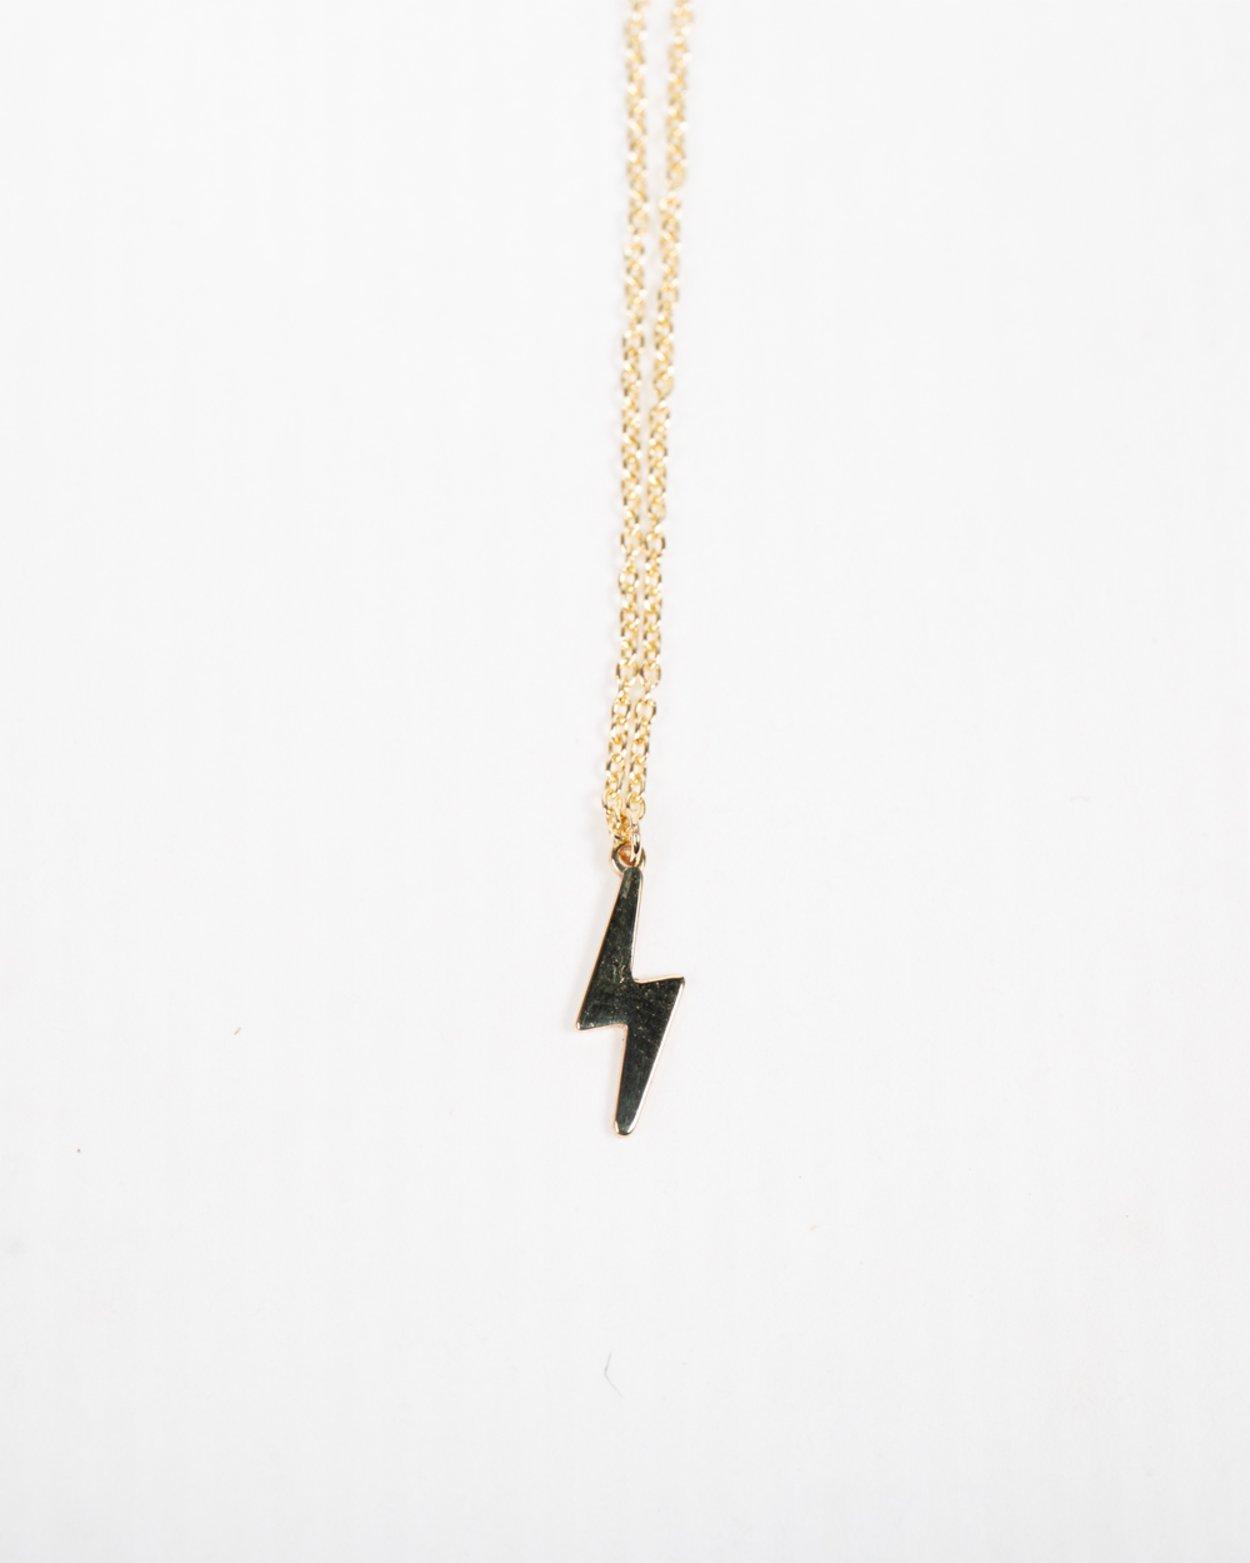 9kt Gold Lightning Bolt Pendant